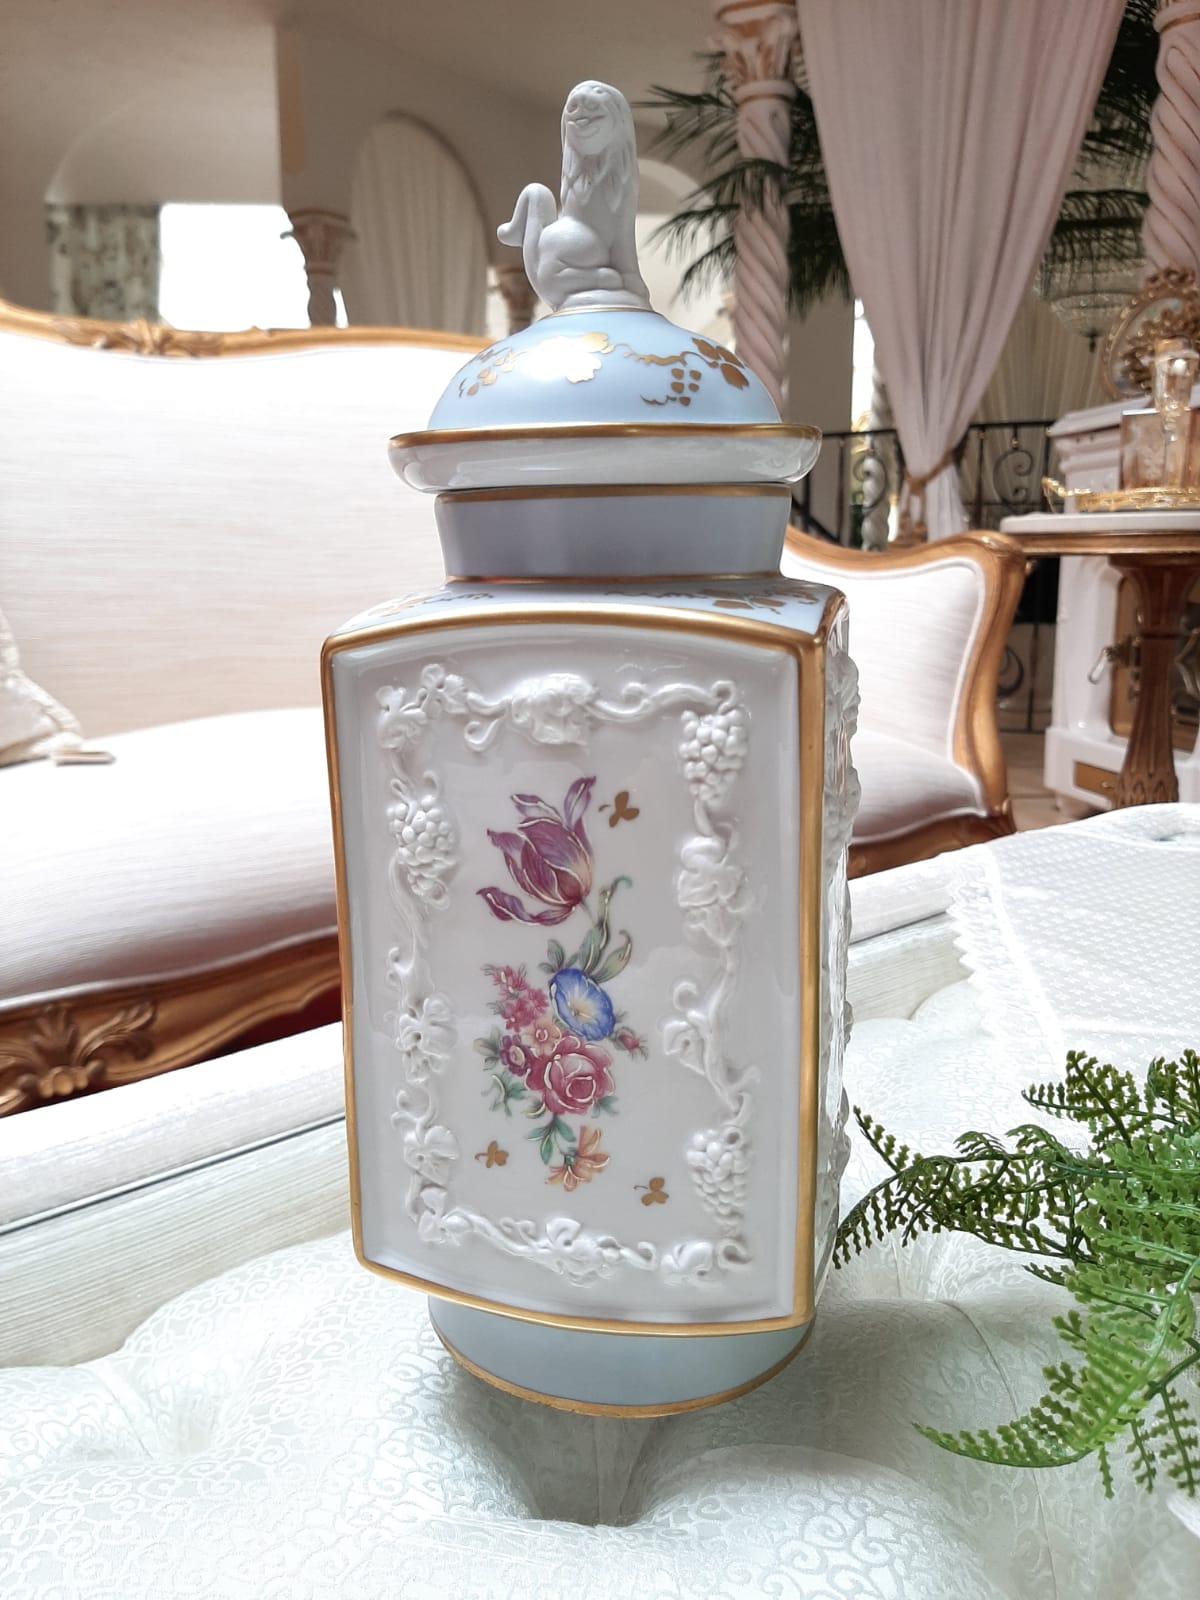 Seltene Form einer Deckelvase / Amphore. Verziert mit einem wunderschönen Relief. Auf dem Deckel trohnt ein Löwe, handbemalt. Die Vase ist antik, ohne Beschädigung.